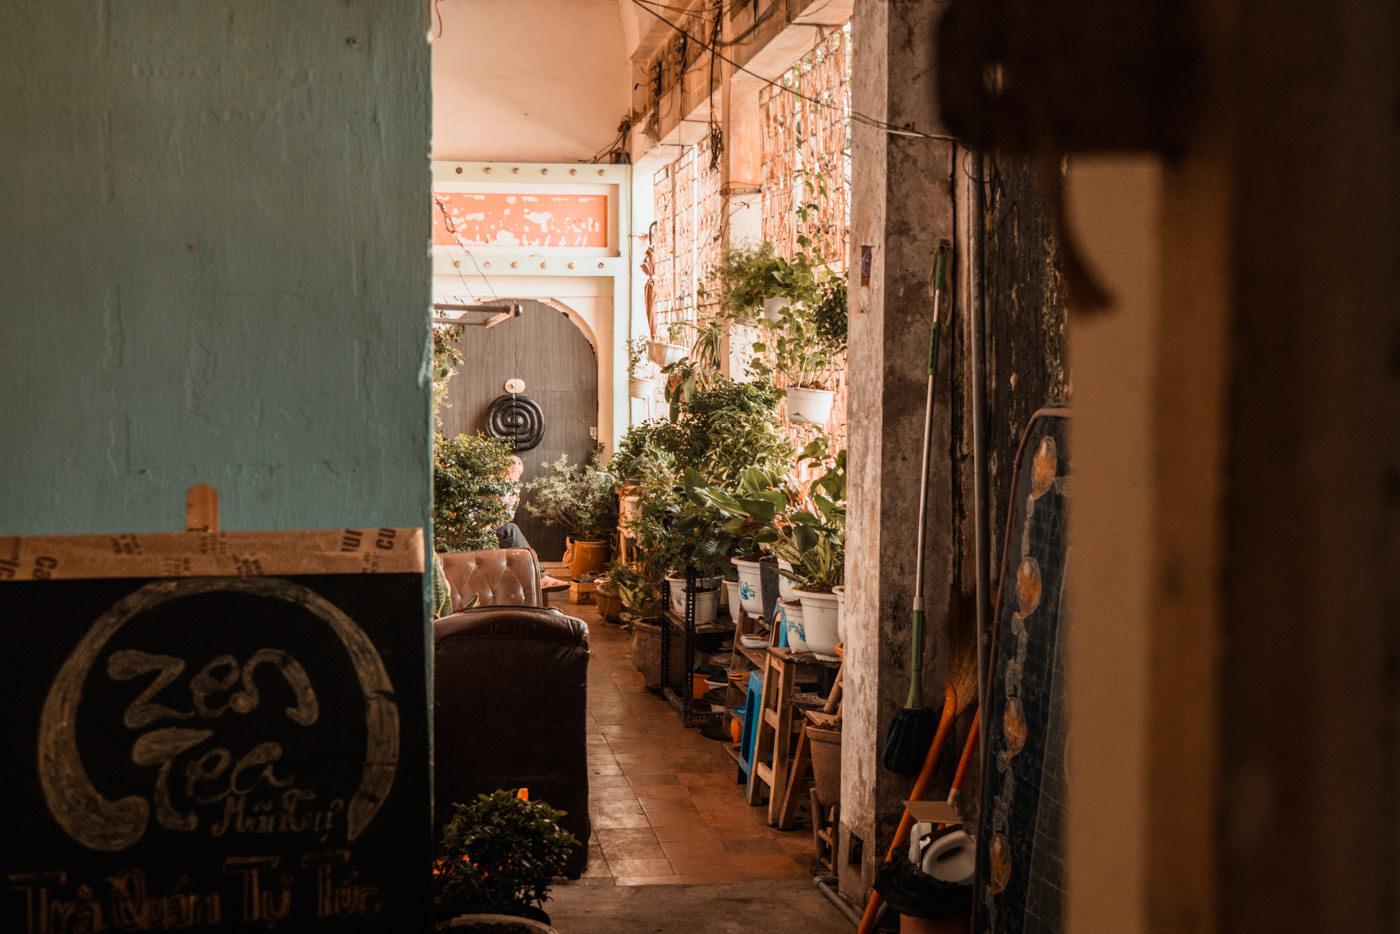 Einblick in ein Gebäude in Ho Chi Minh City